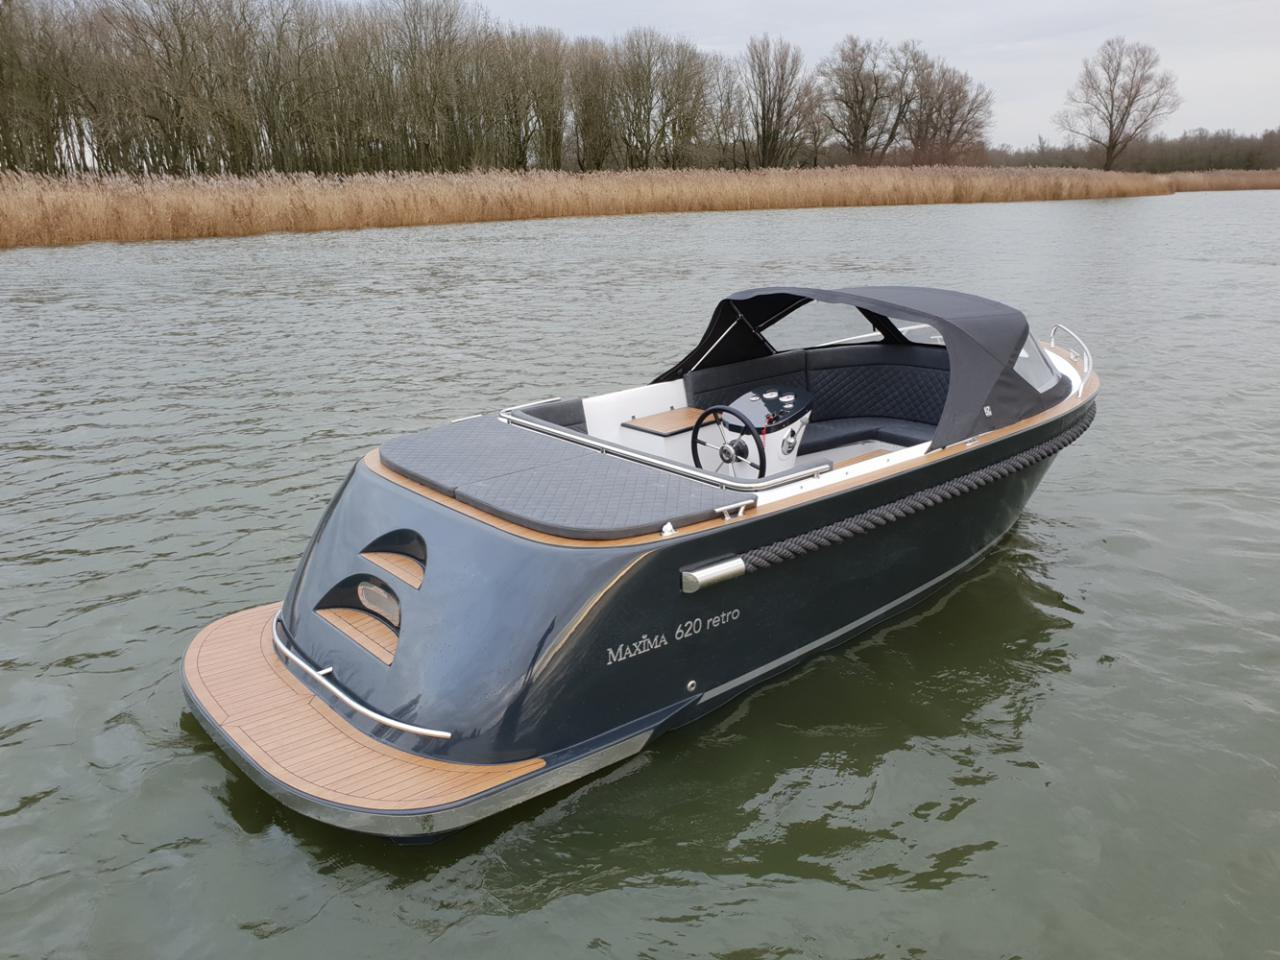 Maxima 620 Retro MC 38